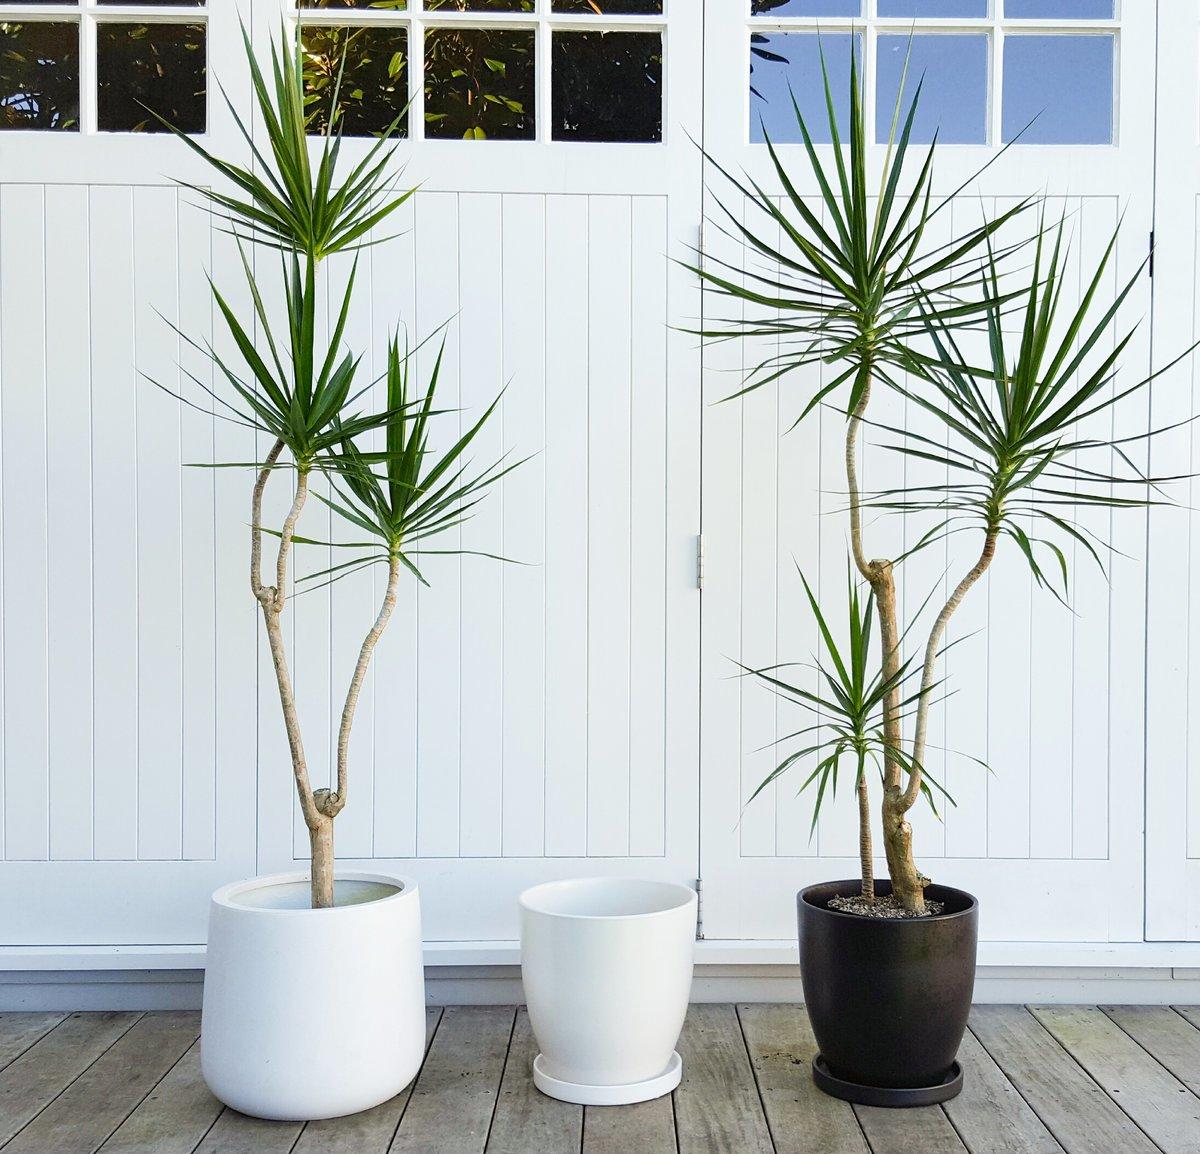 piante-poca-acqua-1